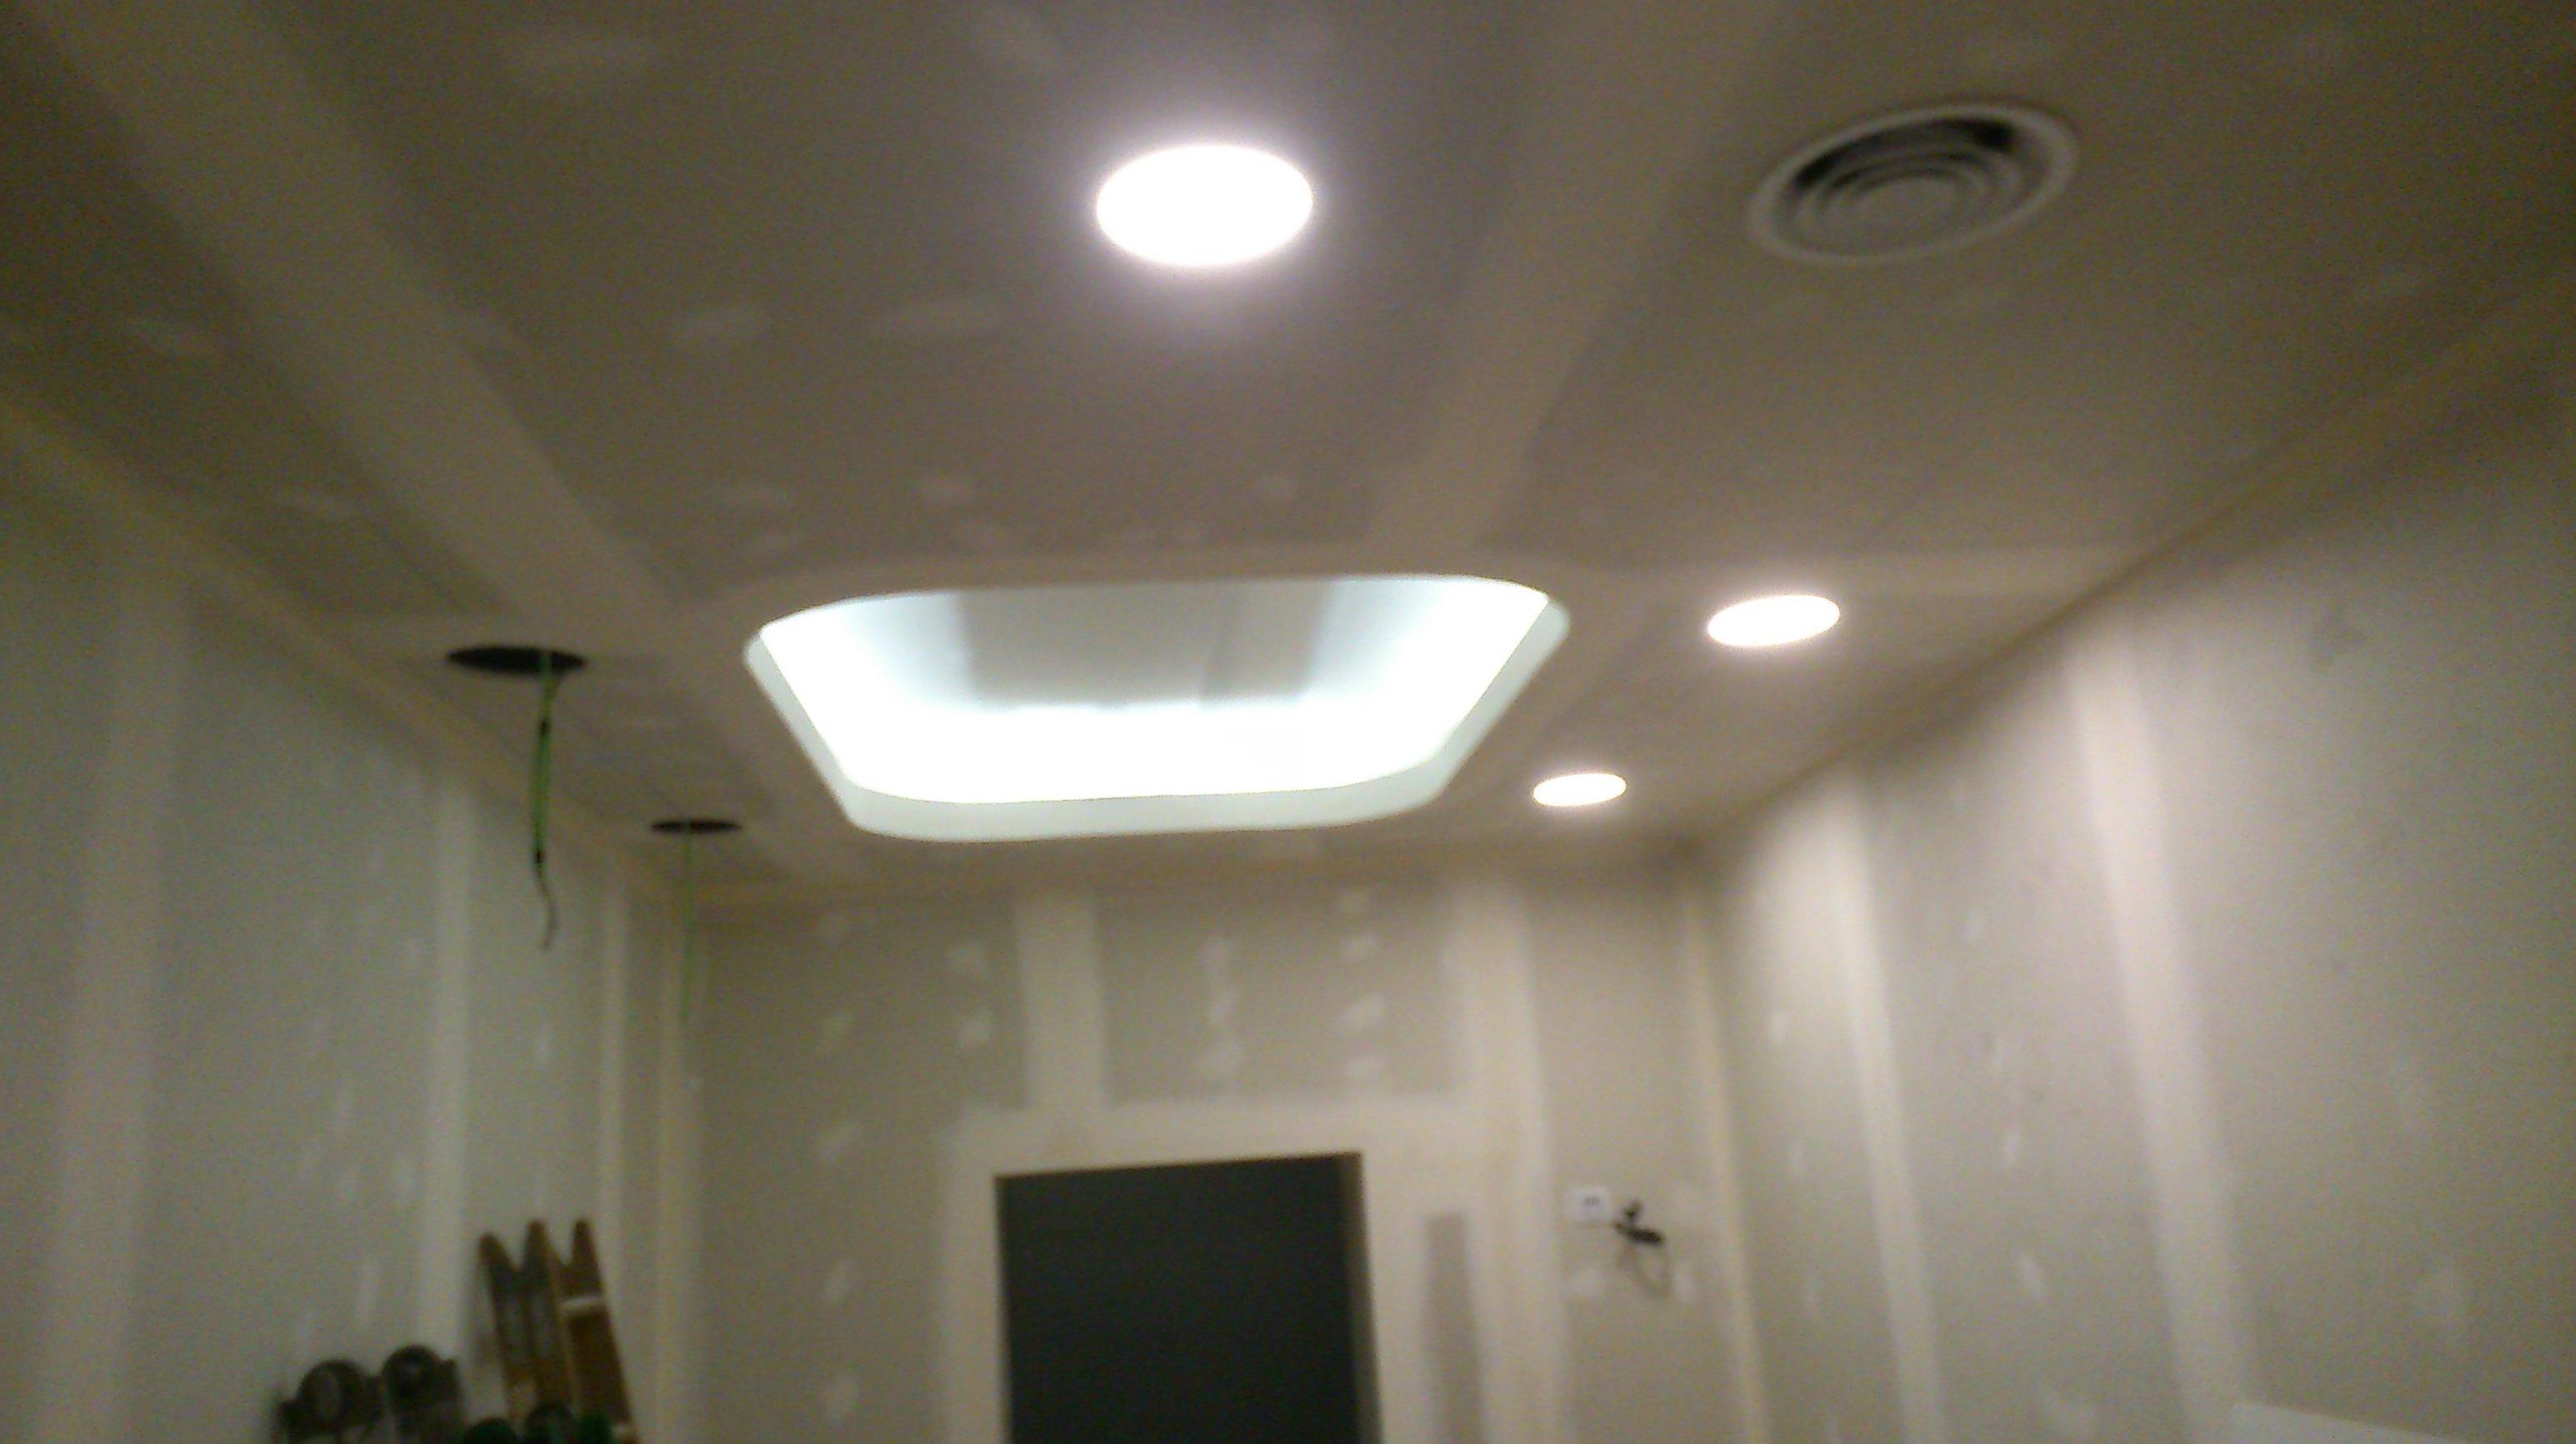 Foto 12 de Pladur en Madrid | innovaciones interiores cch,sl.